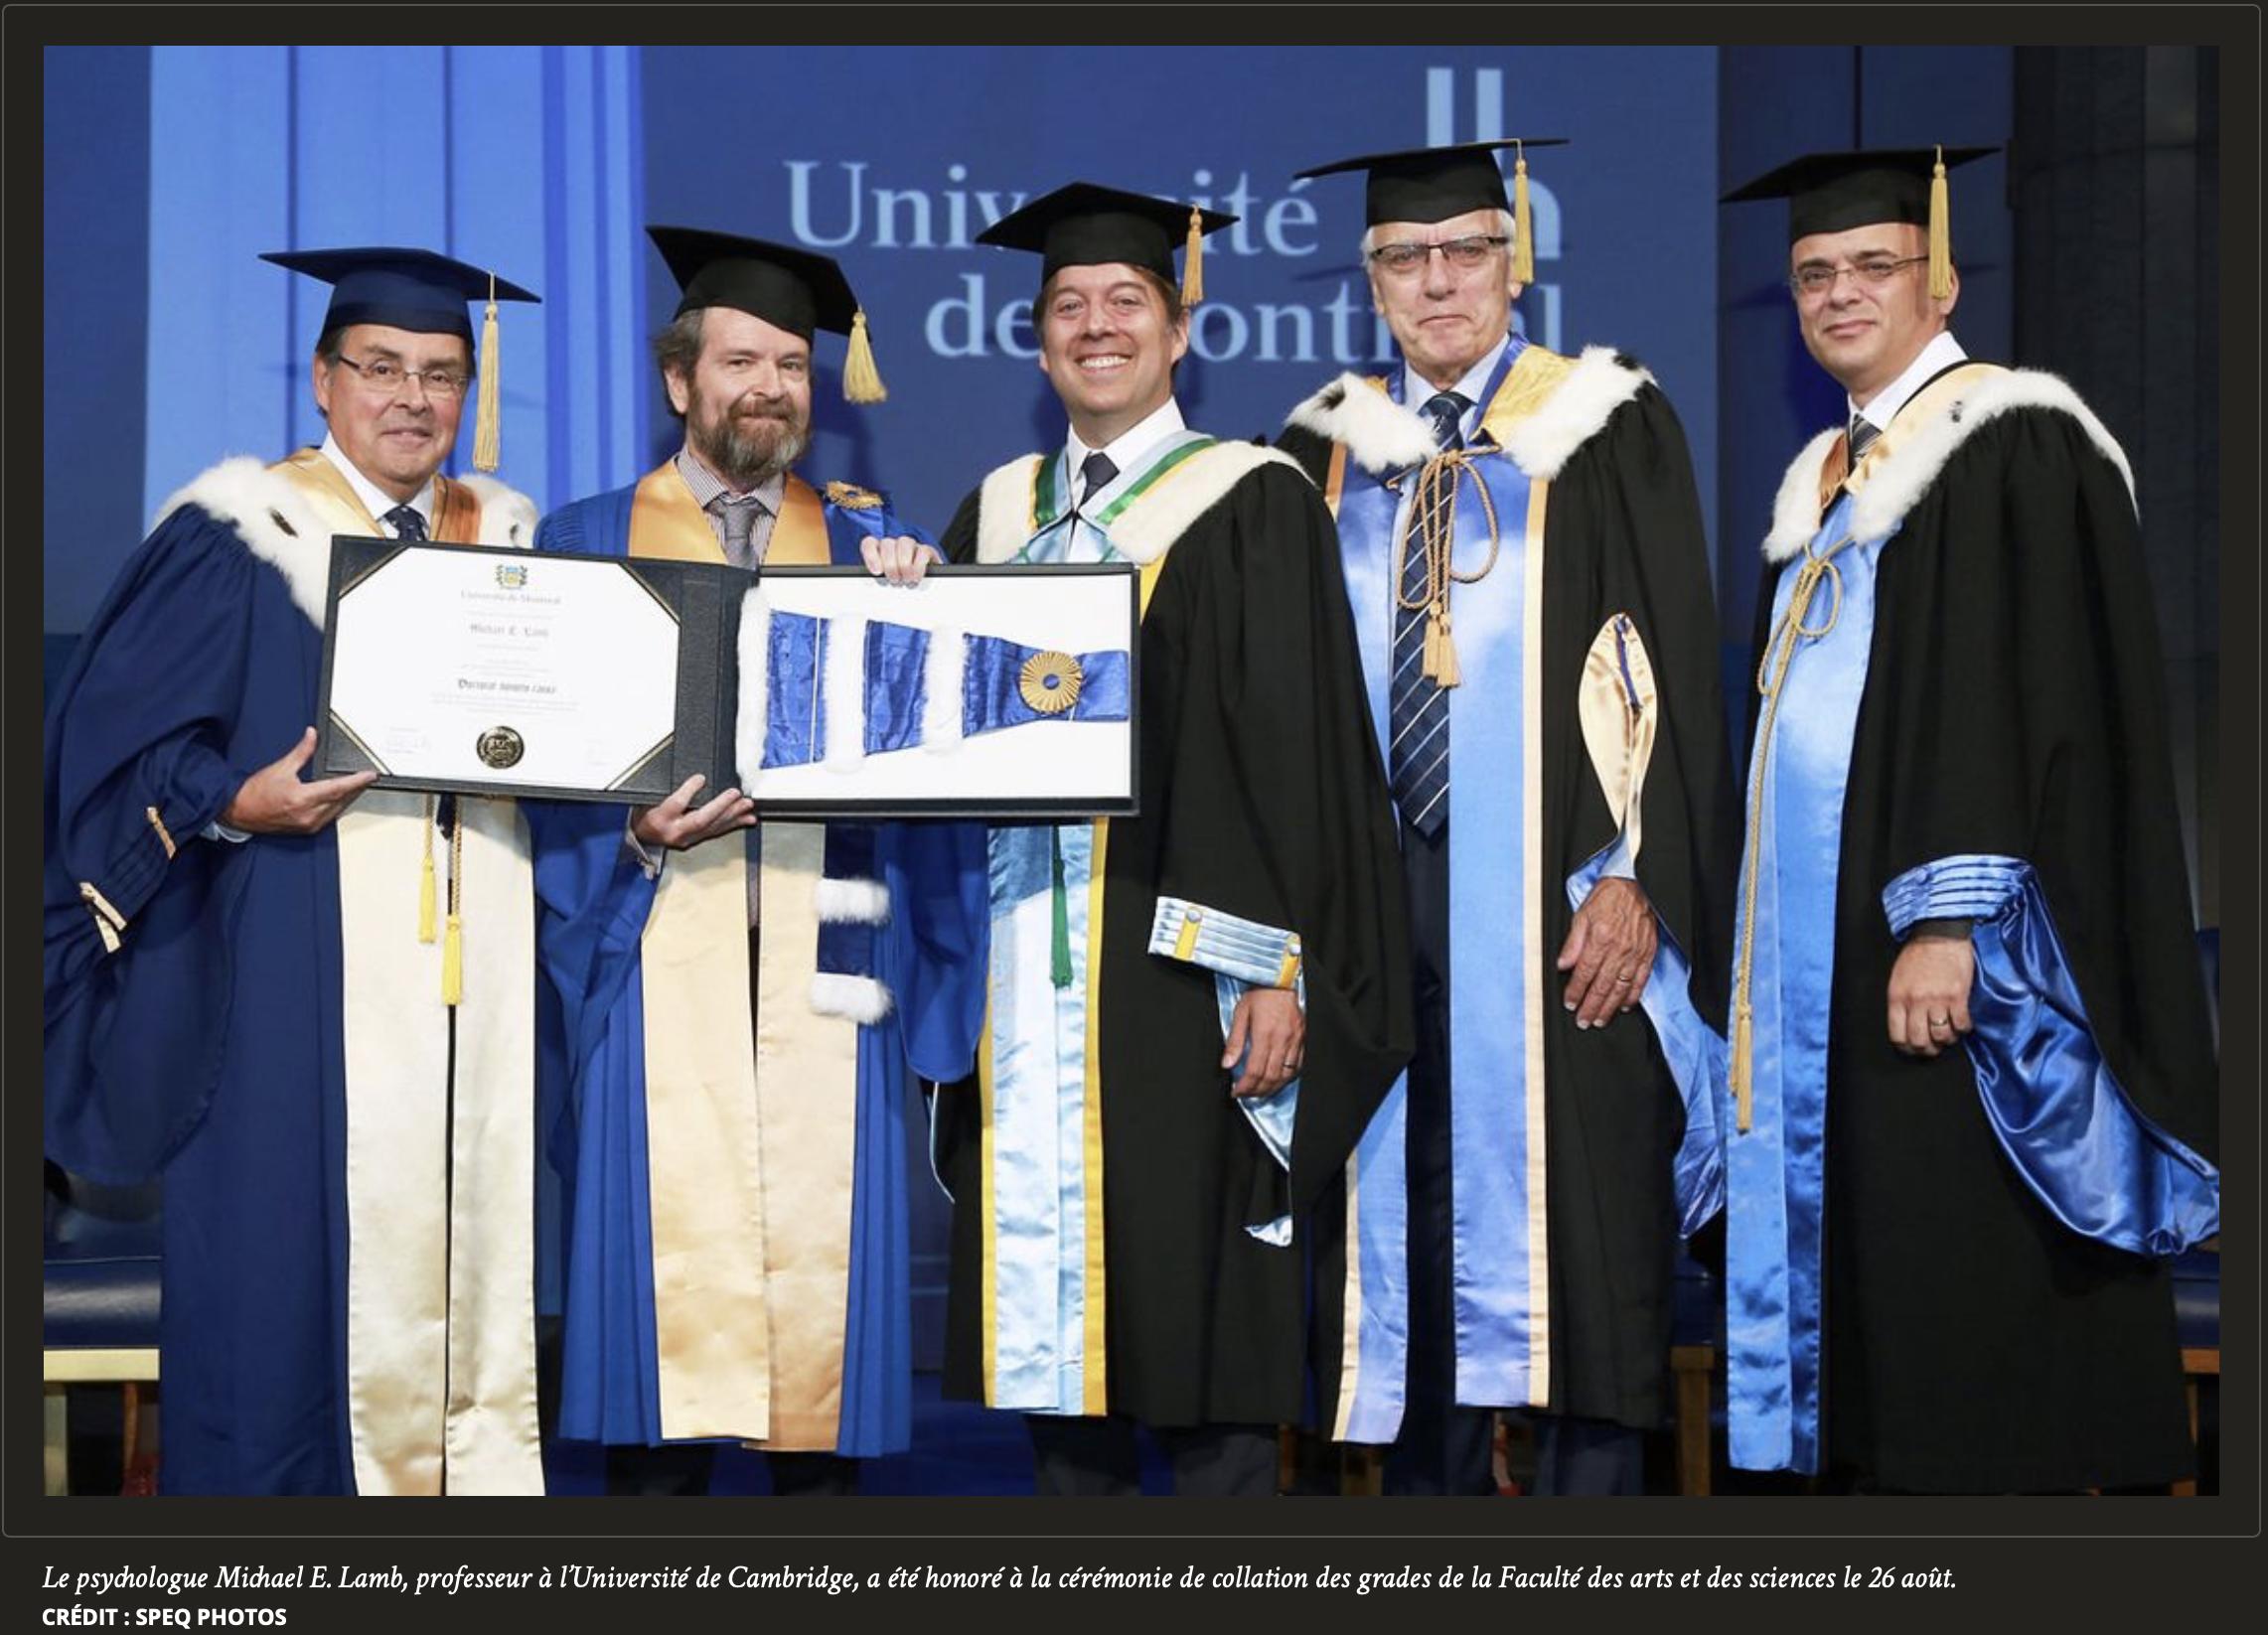 Le psychologue Michael E. Lamb, professeur à l'Université de Cambridge, a été honoré à la cérémonie de collation des grades de la Faculté des arts et des sciences le 26 août. CRÉDIT : SPEQ PHOTO